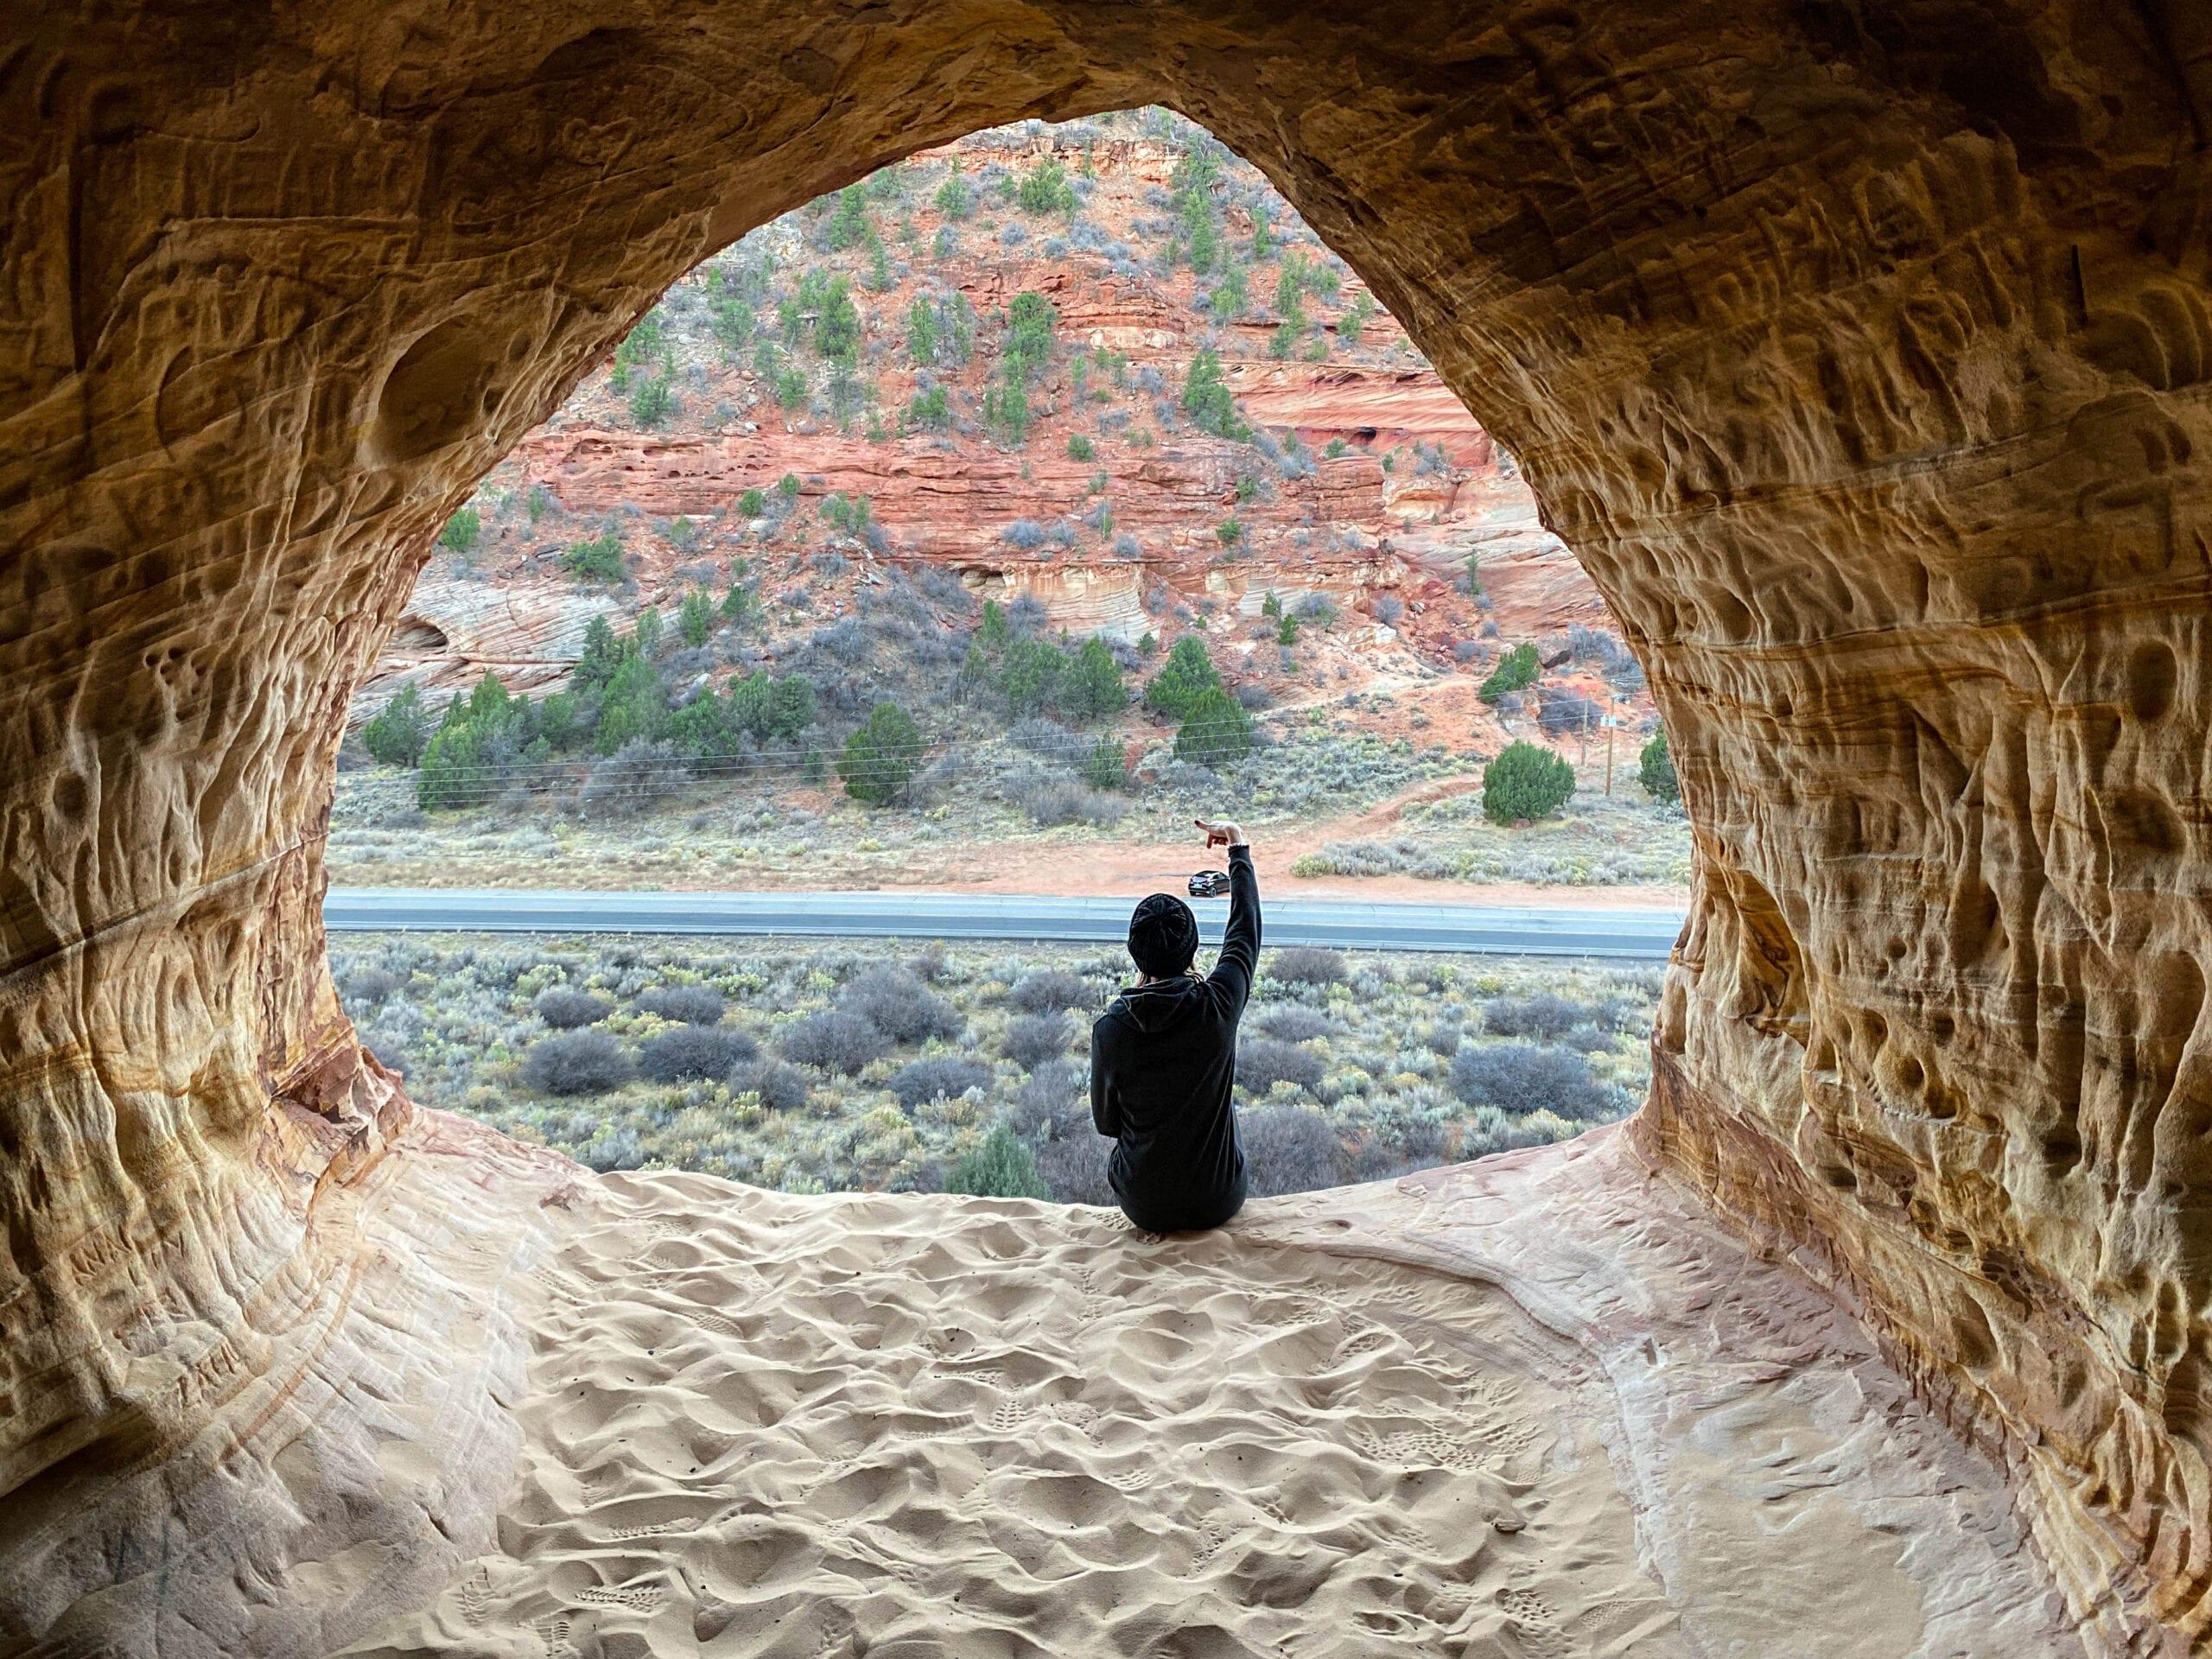 Kanab Sand Caves